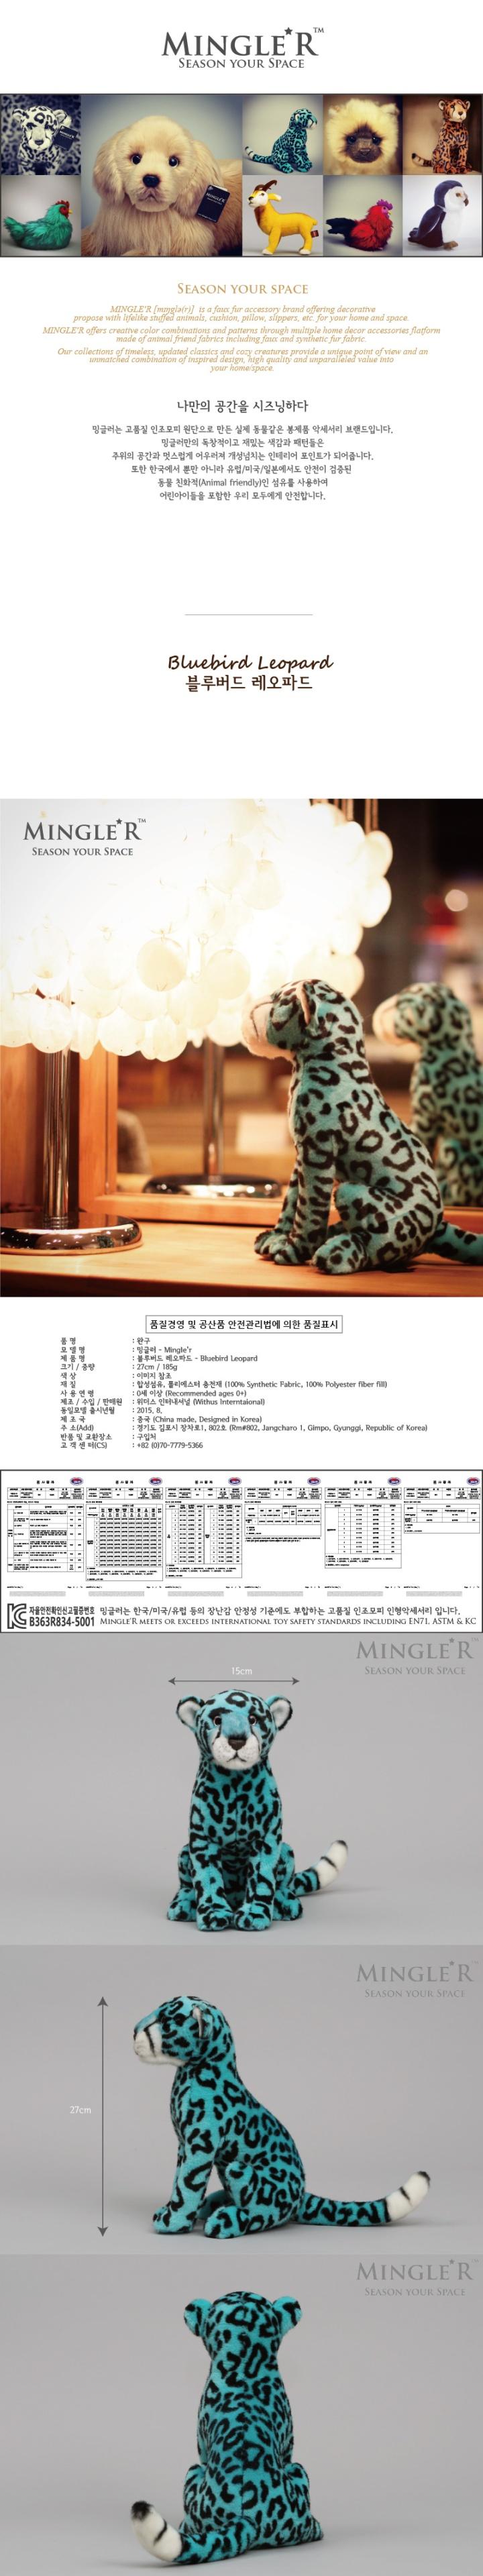 New-Bluebird-Leopard-A(7-23-2015)